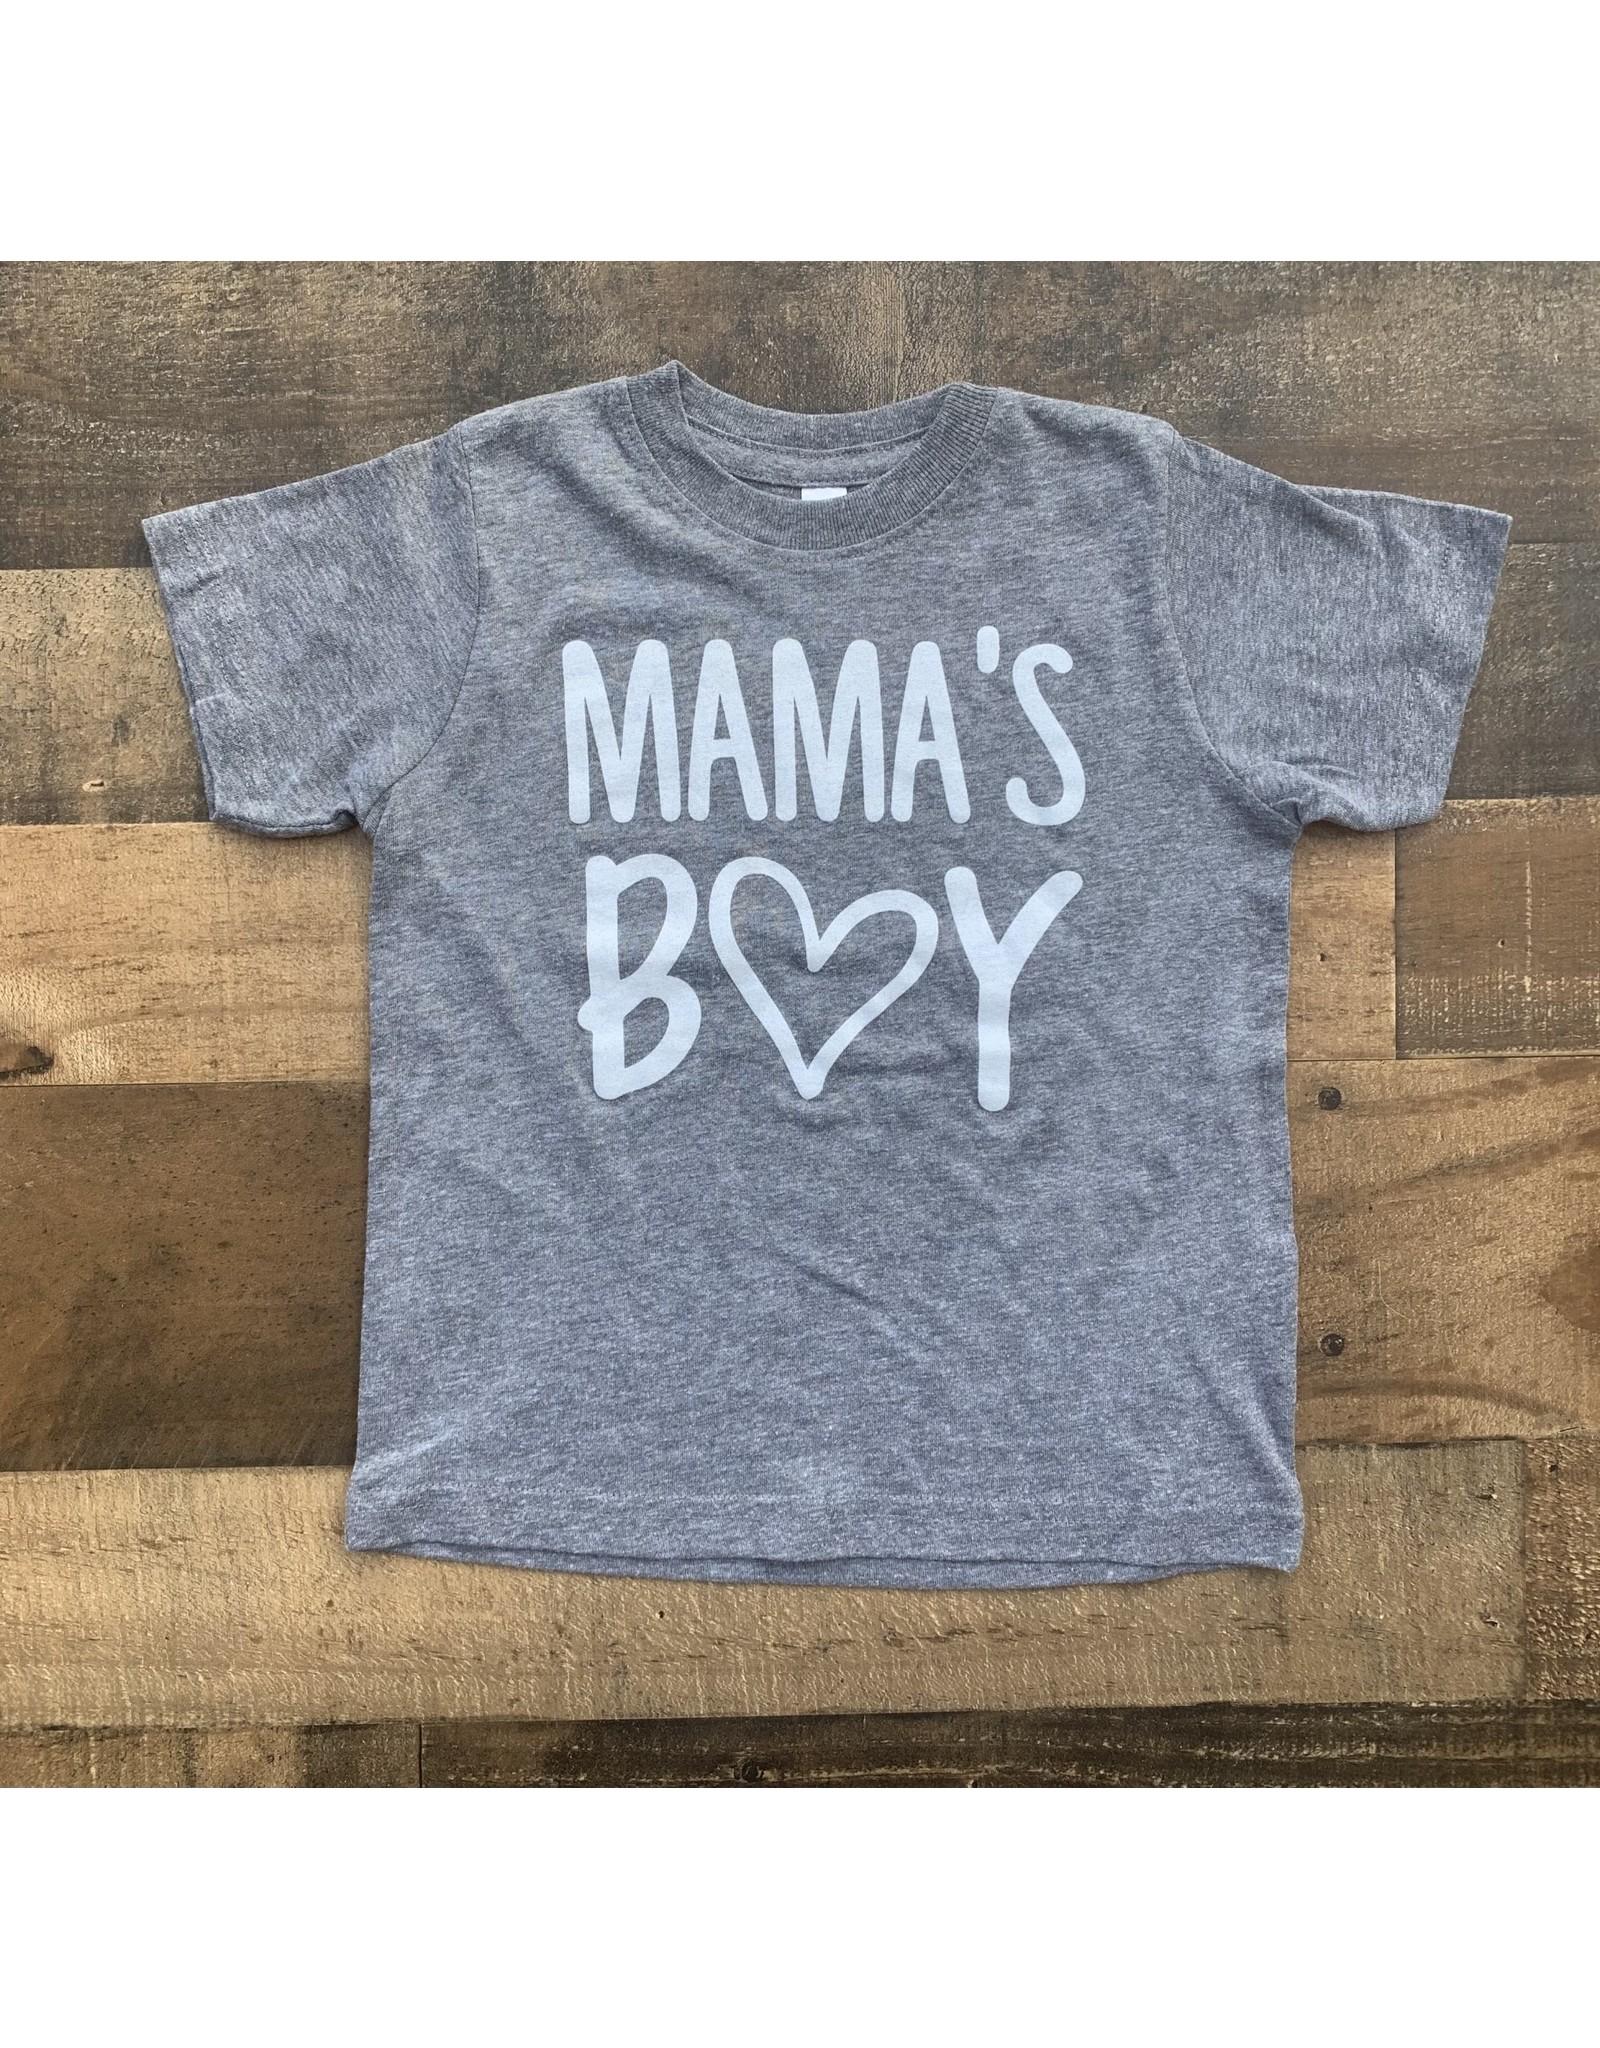 Mama's Boy TShirt: Gray